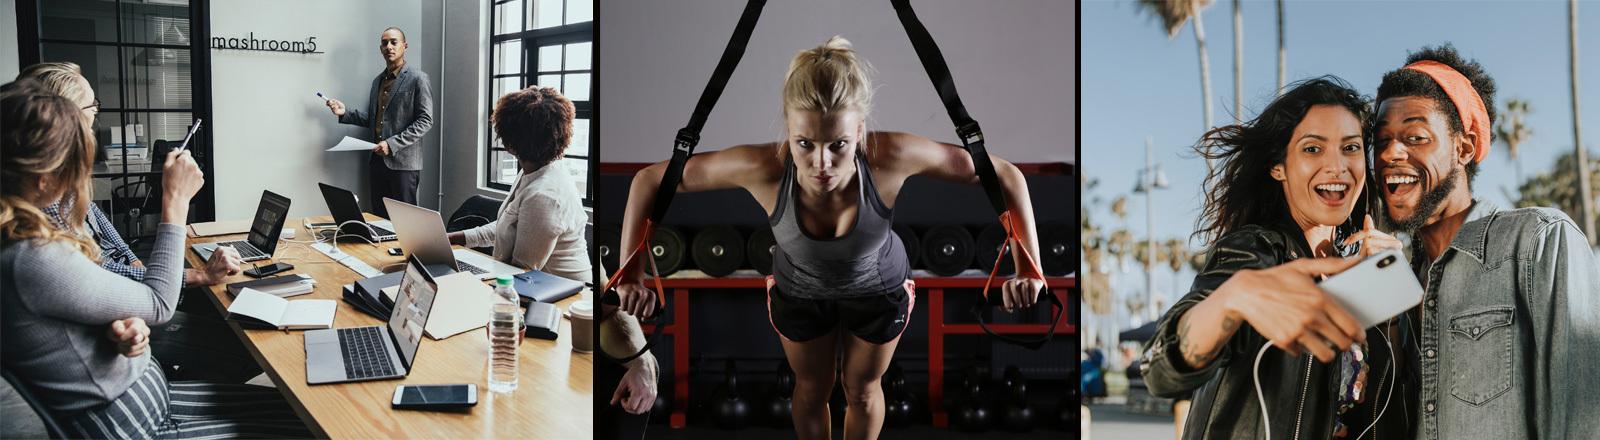 Eine durchtrainierte Frau im Fitnessstudio und rechts eine Frau und ein Mann, die fröhlich gucken und ein Selfie von sich machen.